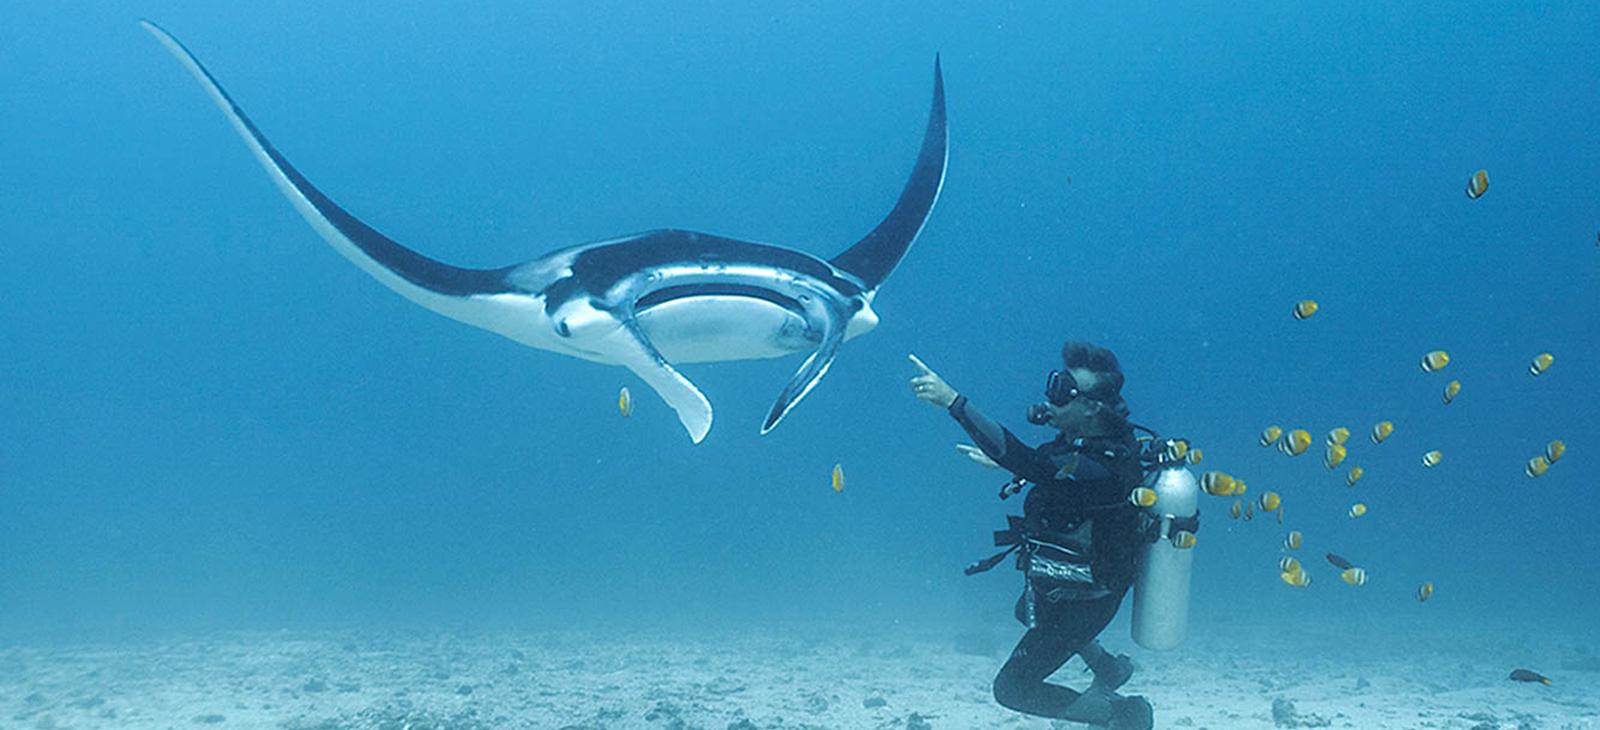 غواصی از در آب های آزاد